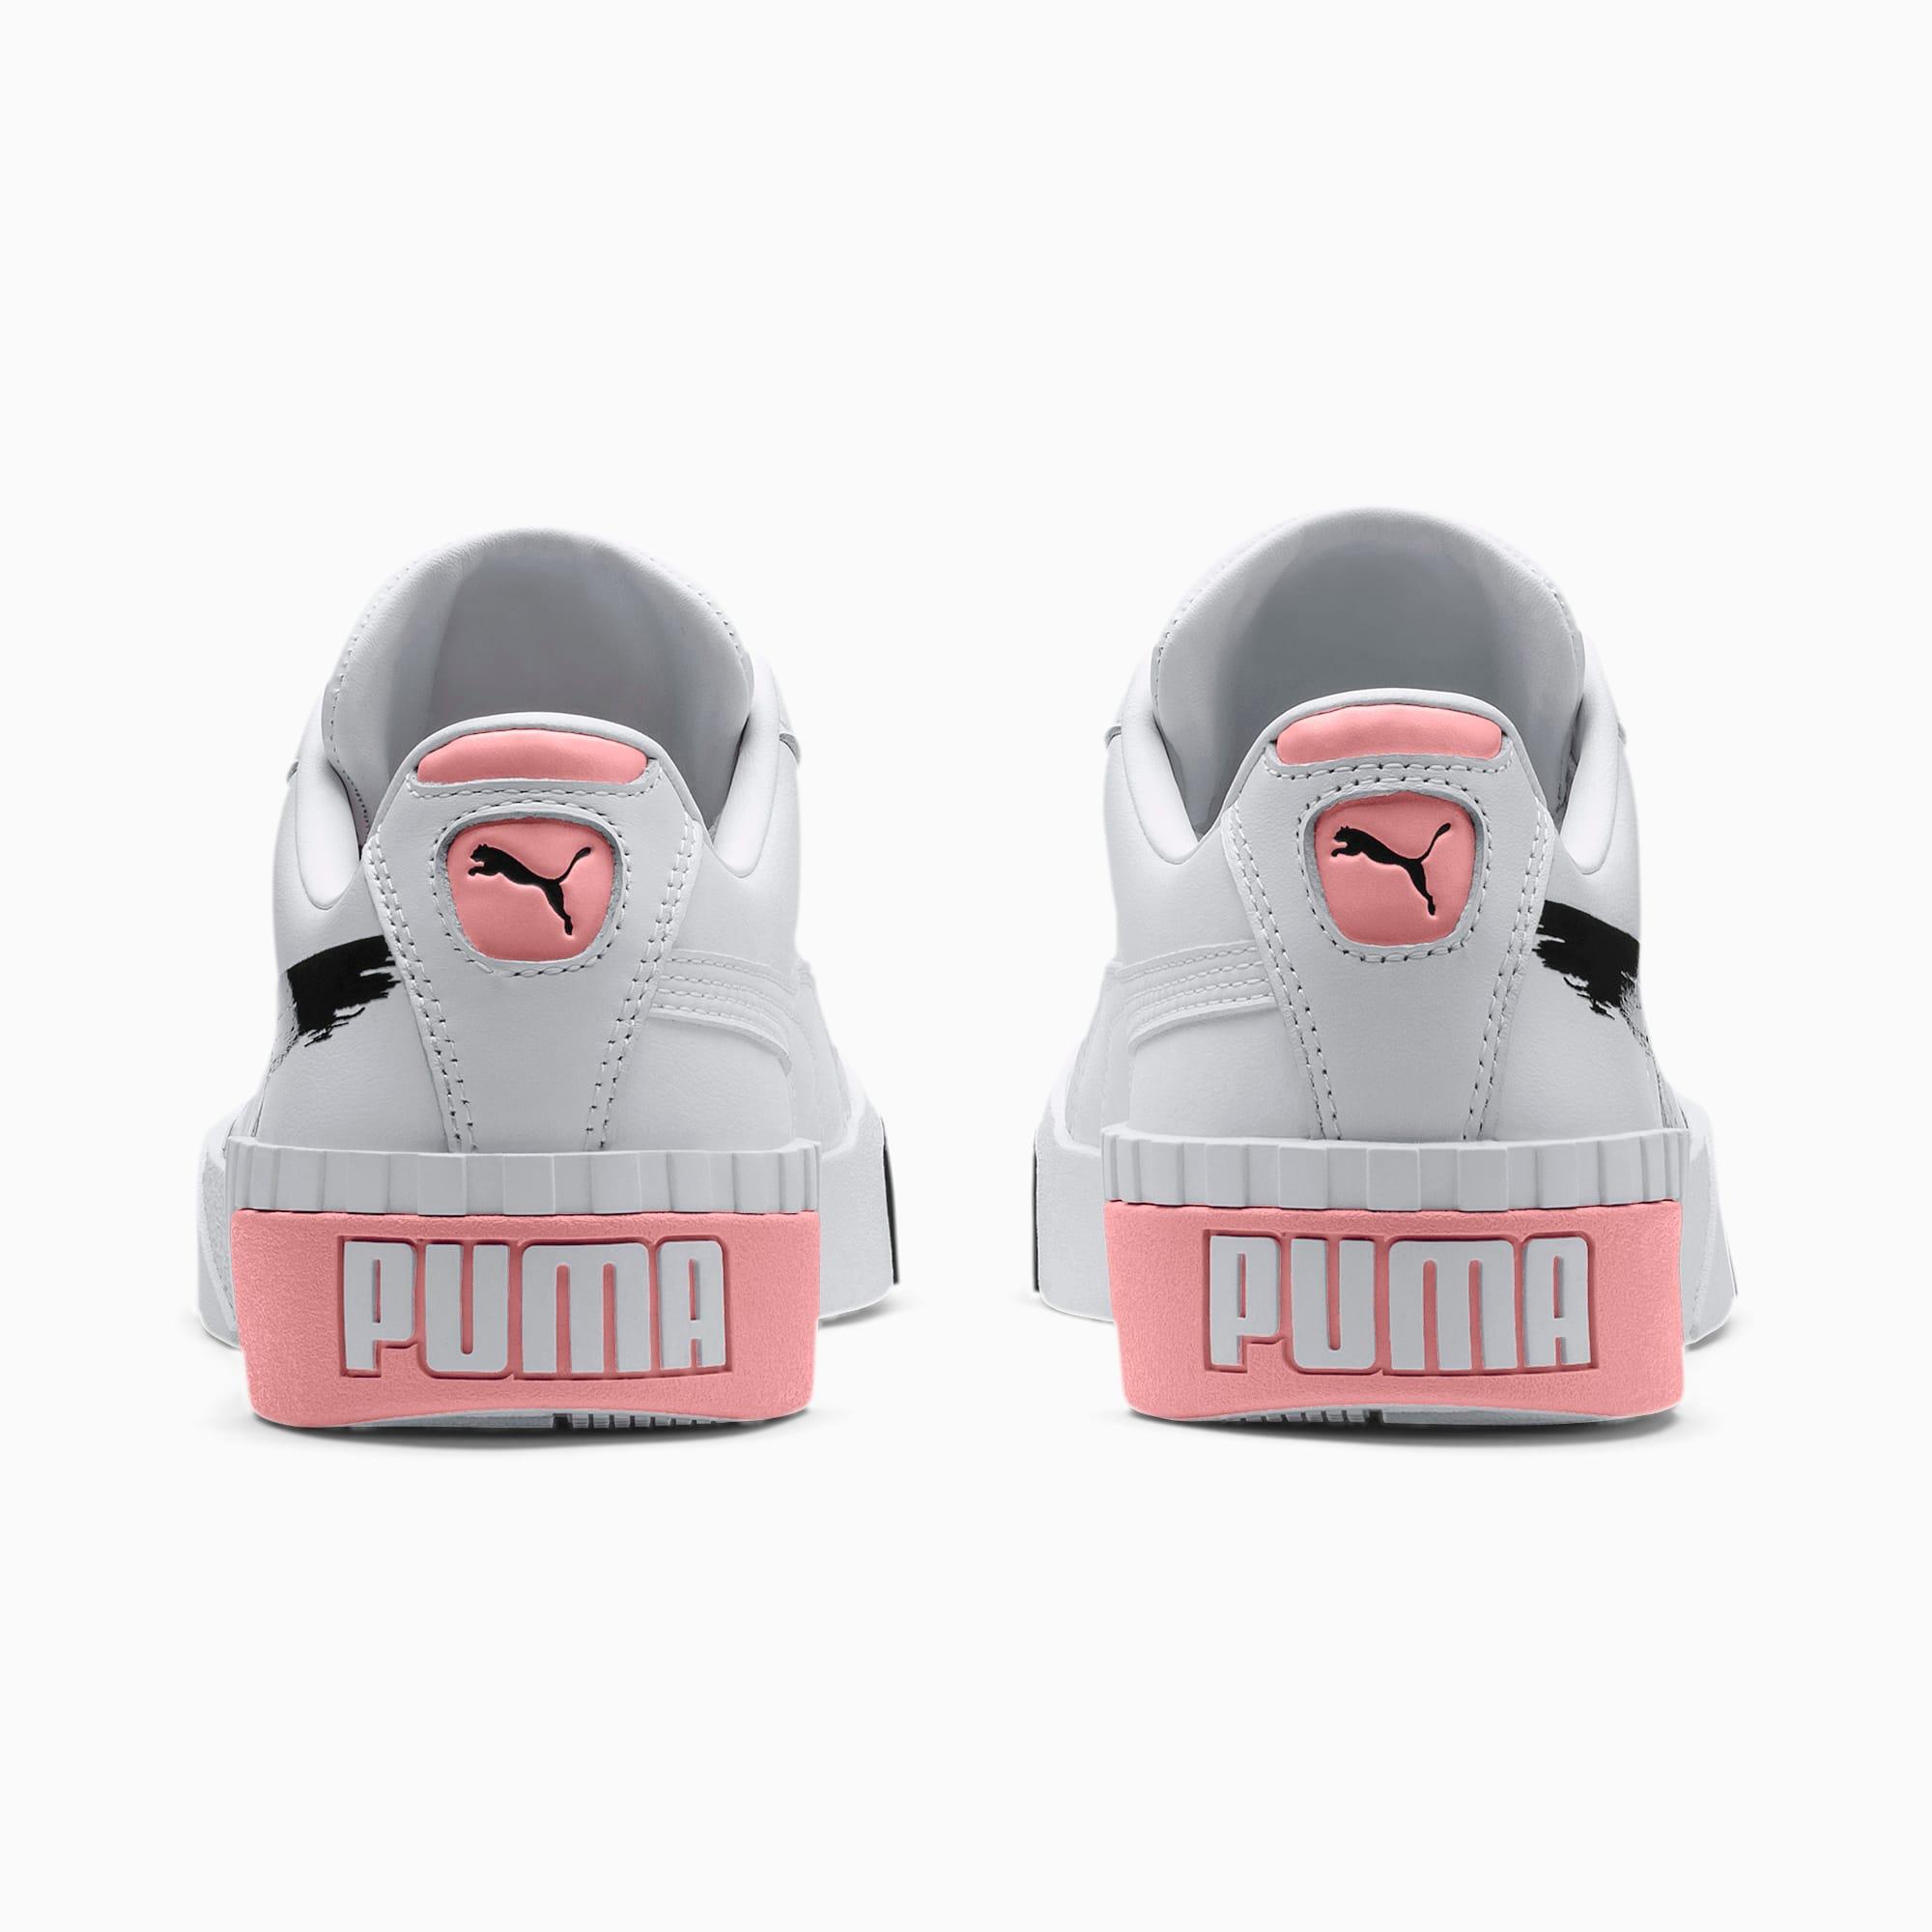 Achats puma x maybelline chaussure54% OFF Livraison gratuite!